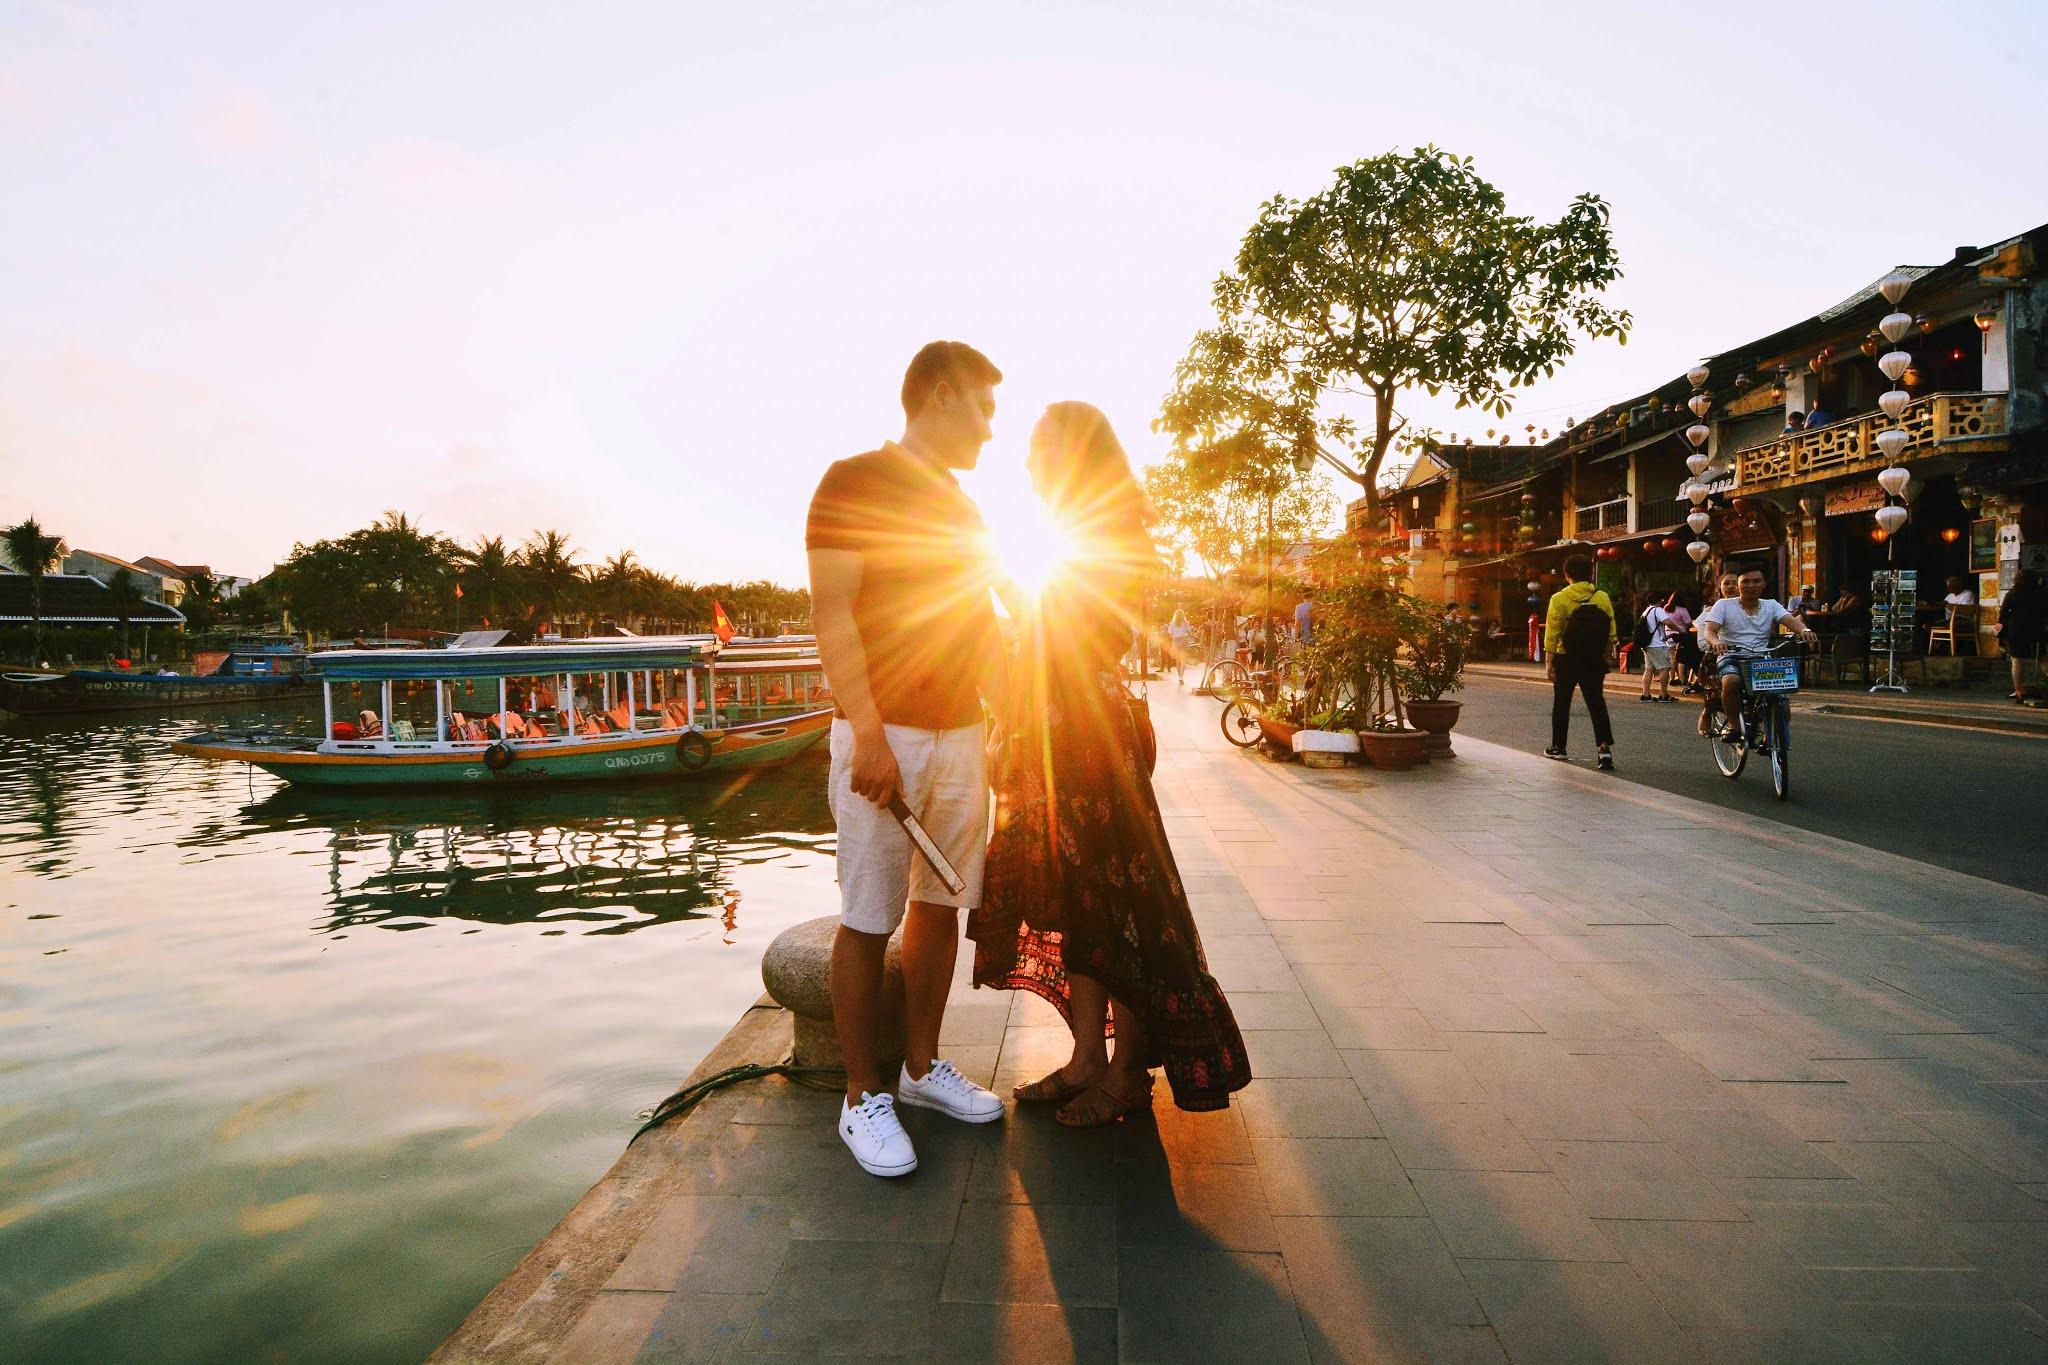 Khuyến mãi chụp ảnh sự kiện, ngoại cảnh Đà Nẵng, Hội An dịp Tết Âm lịch Tân Sửu 2021